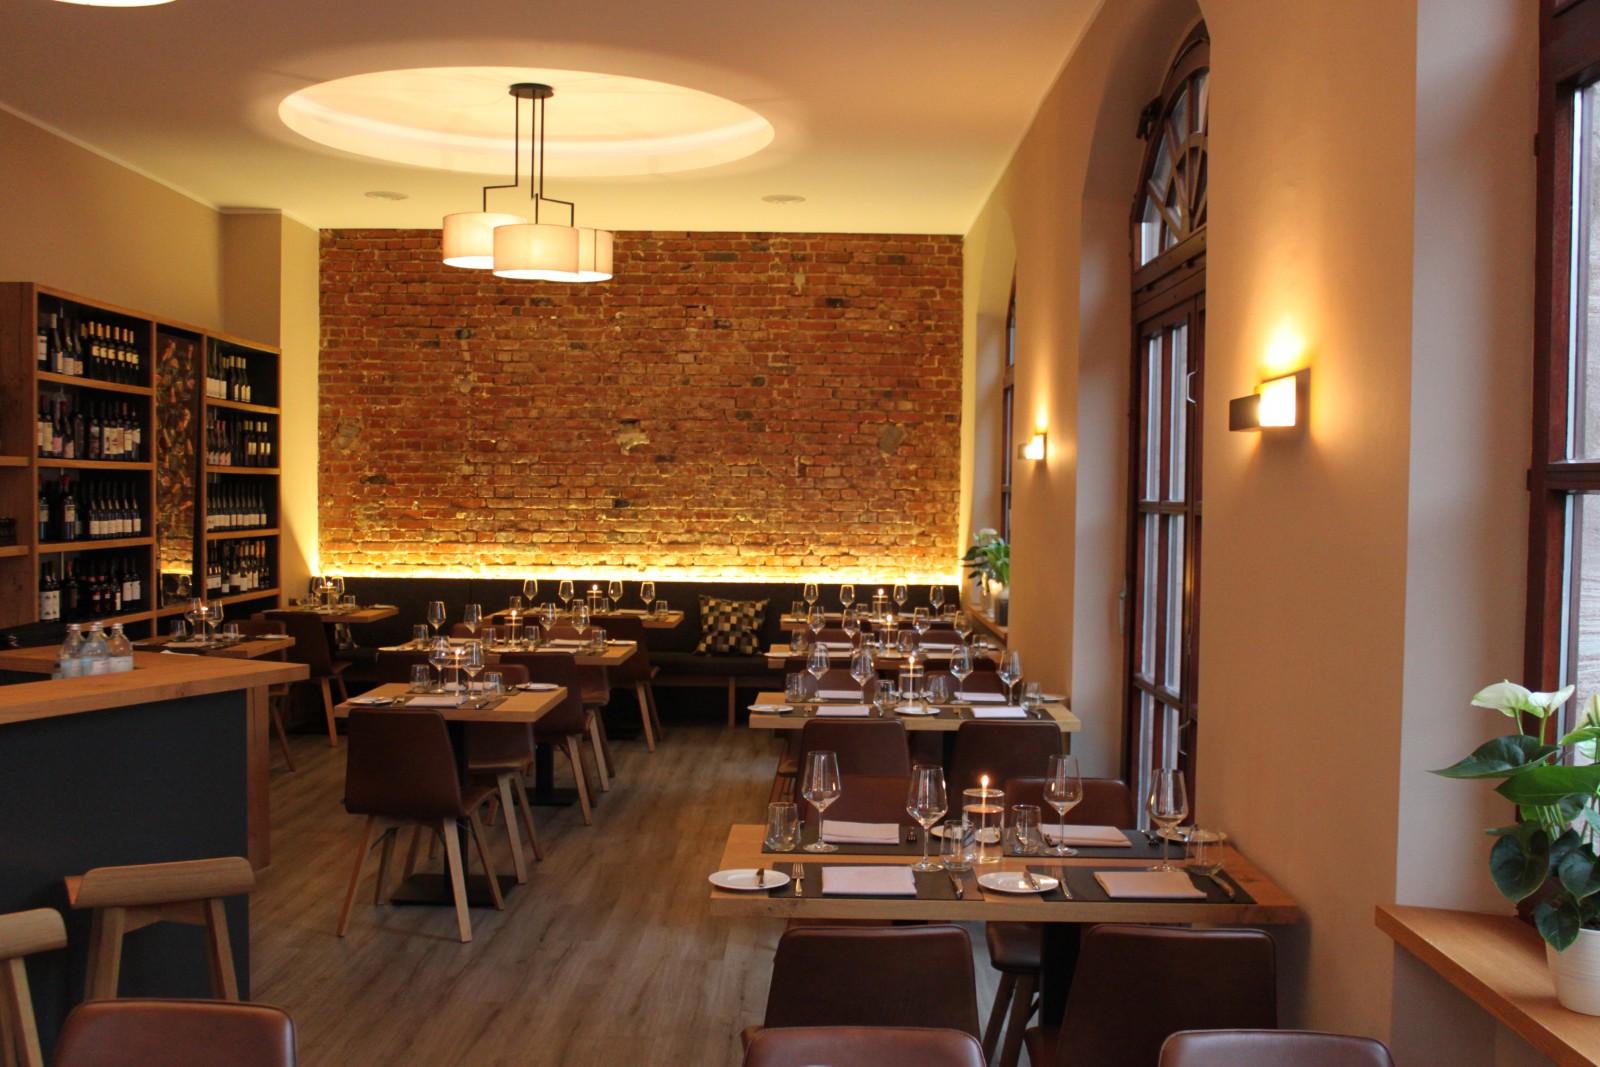 Restaurant Gusto Natural modern grill in Nürnberg